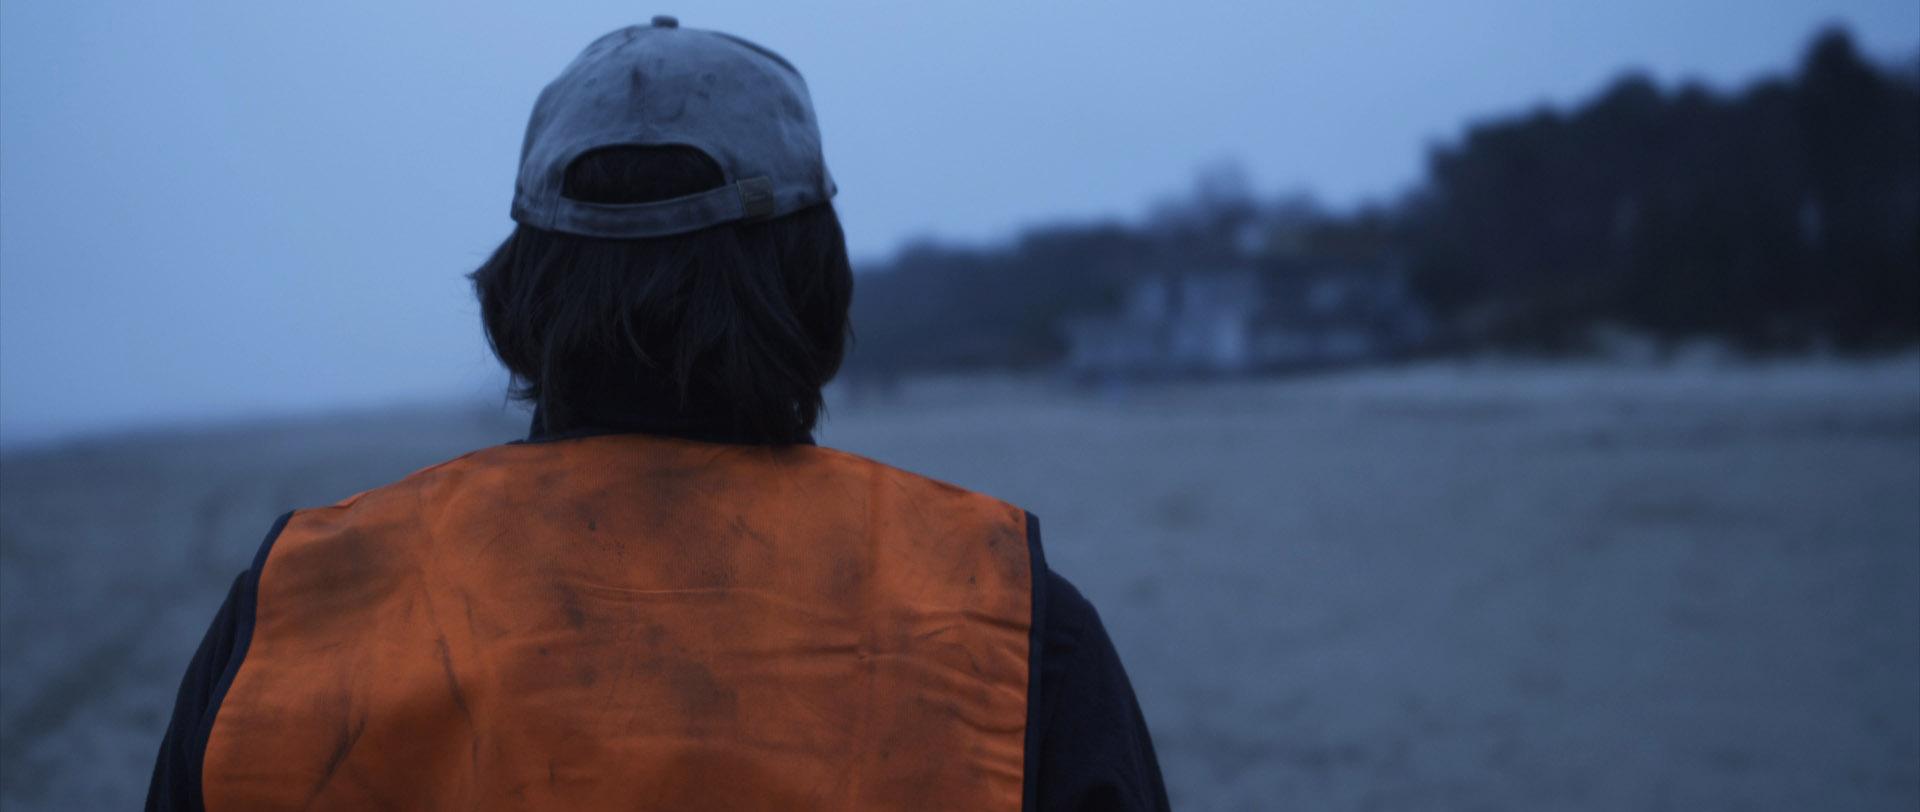 Letonyalı korku filmi yönetmeni Hayk Garabetyan'ın 'Turuncu Ceketli Adam' filmi de İf programında